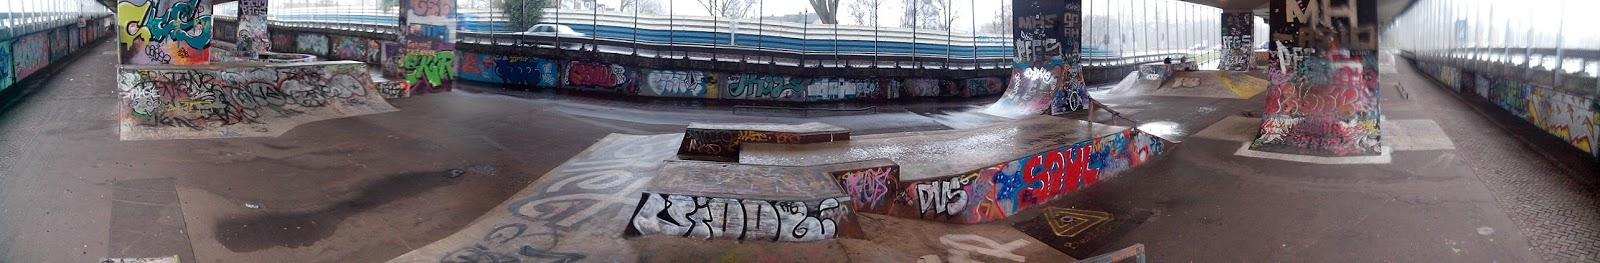 Skatepark onder de A8 in Koog aan de Zaan deel 1